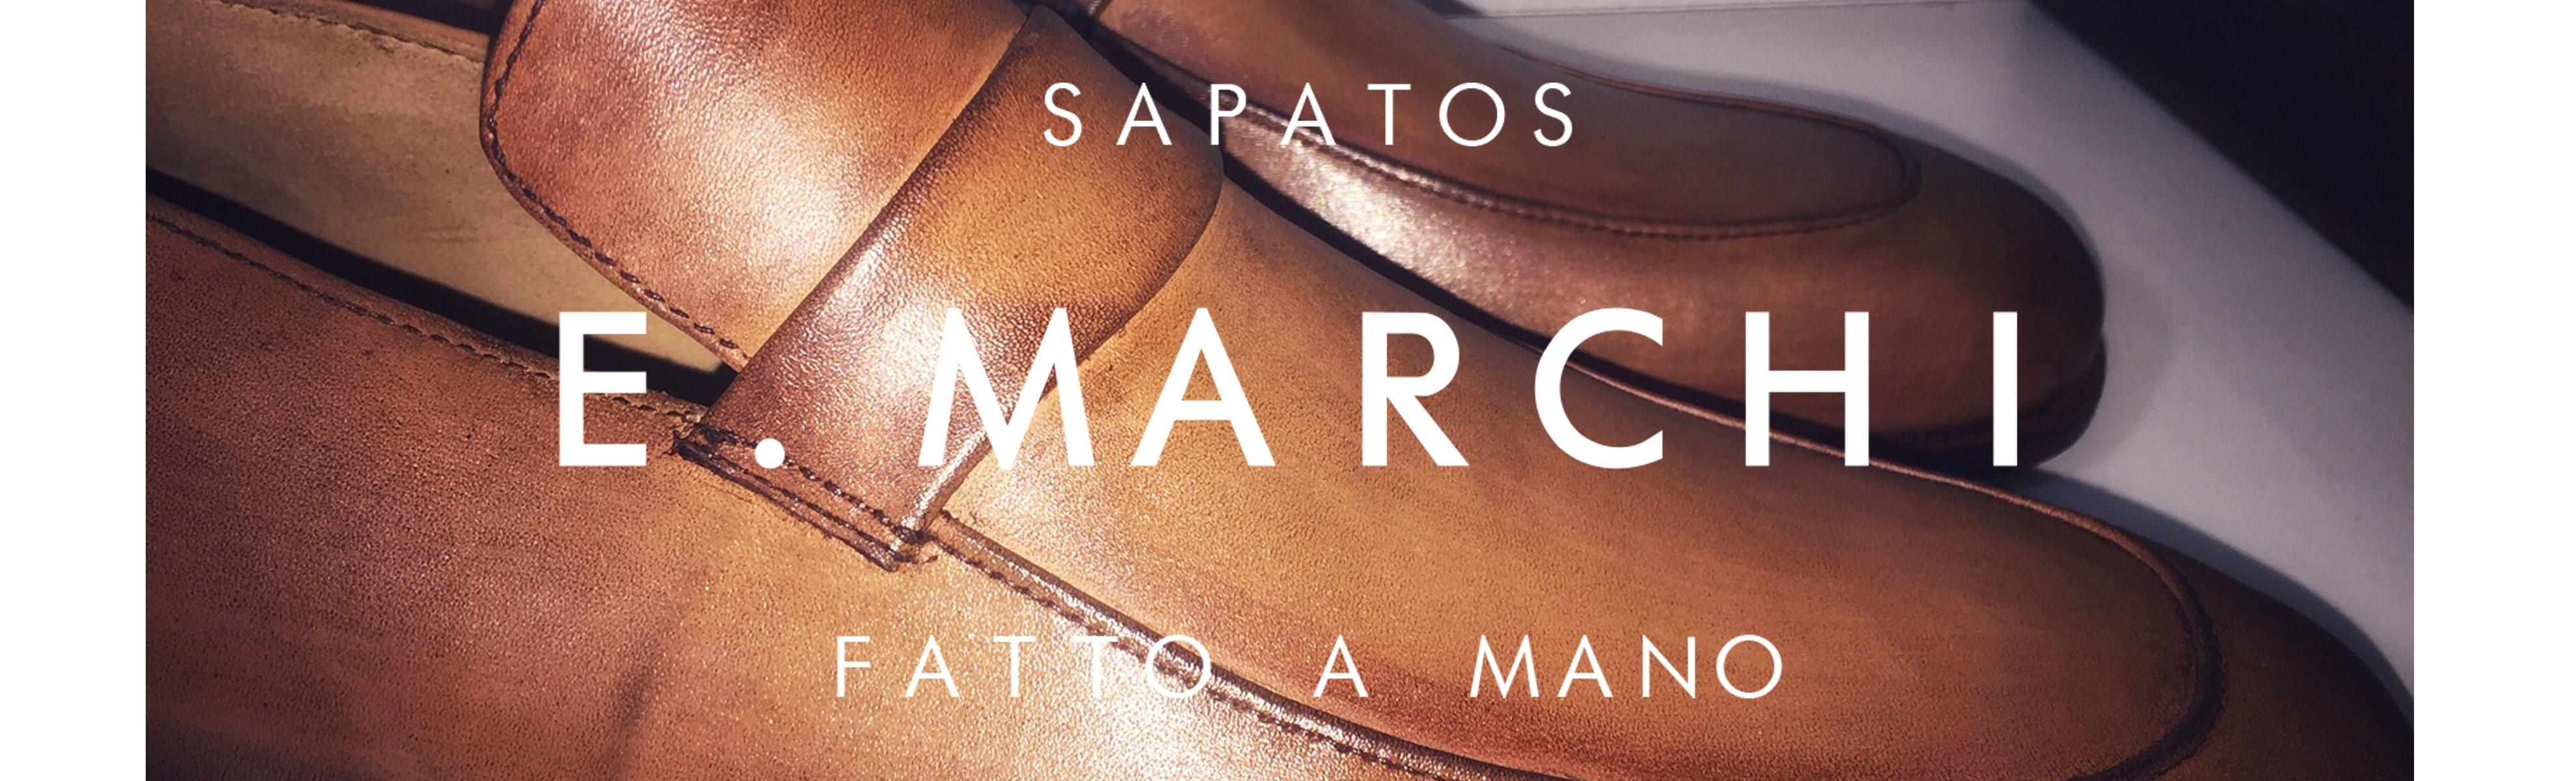 Loafer Lugano Sapatos E. Marchi